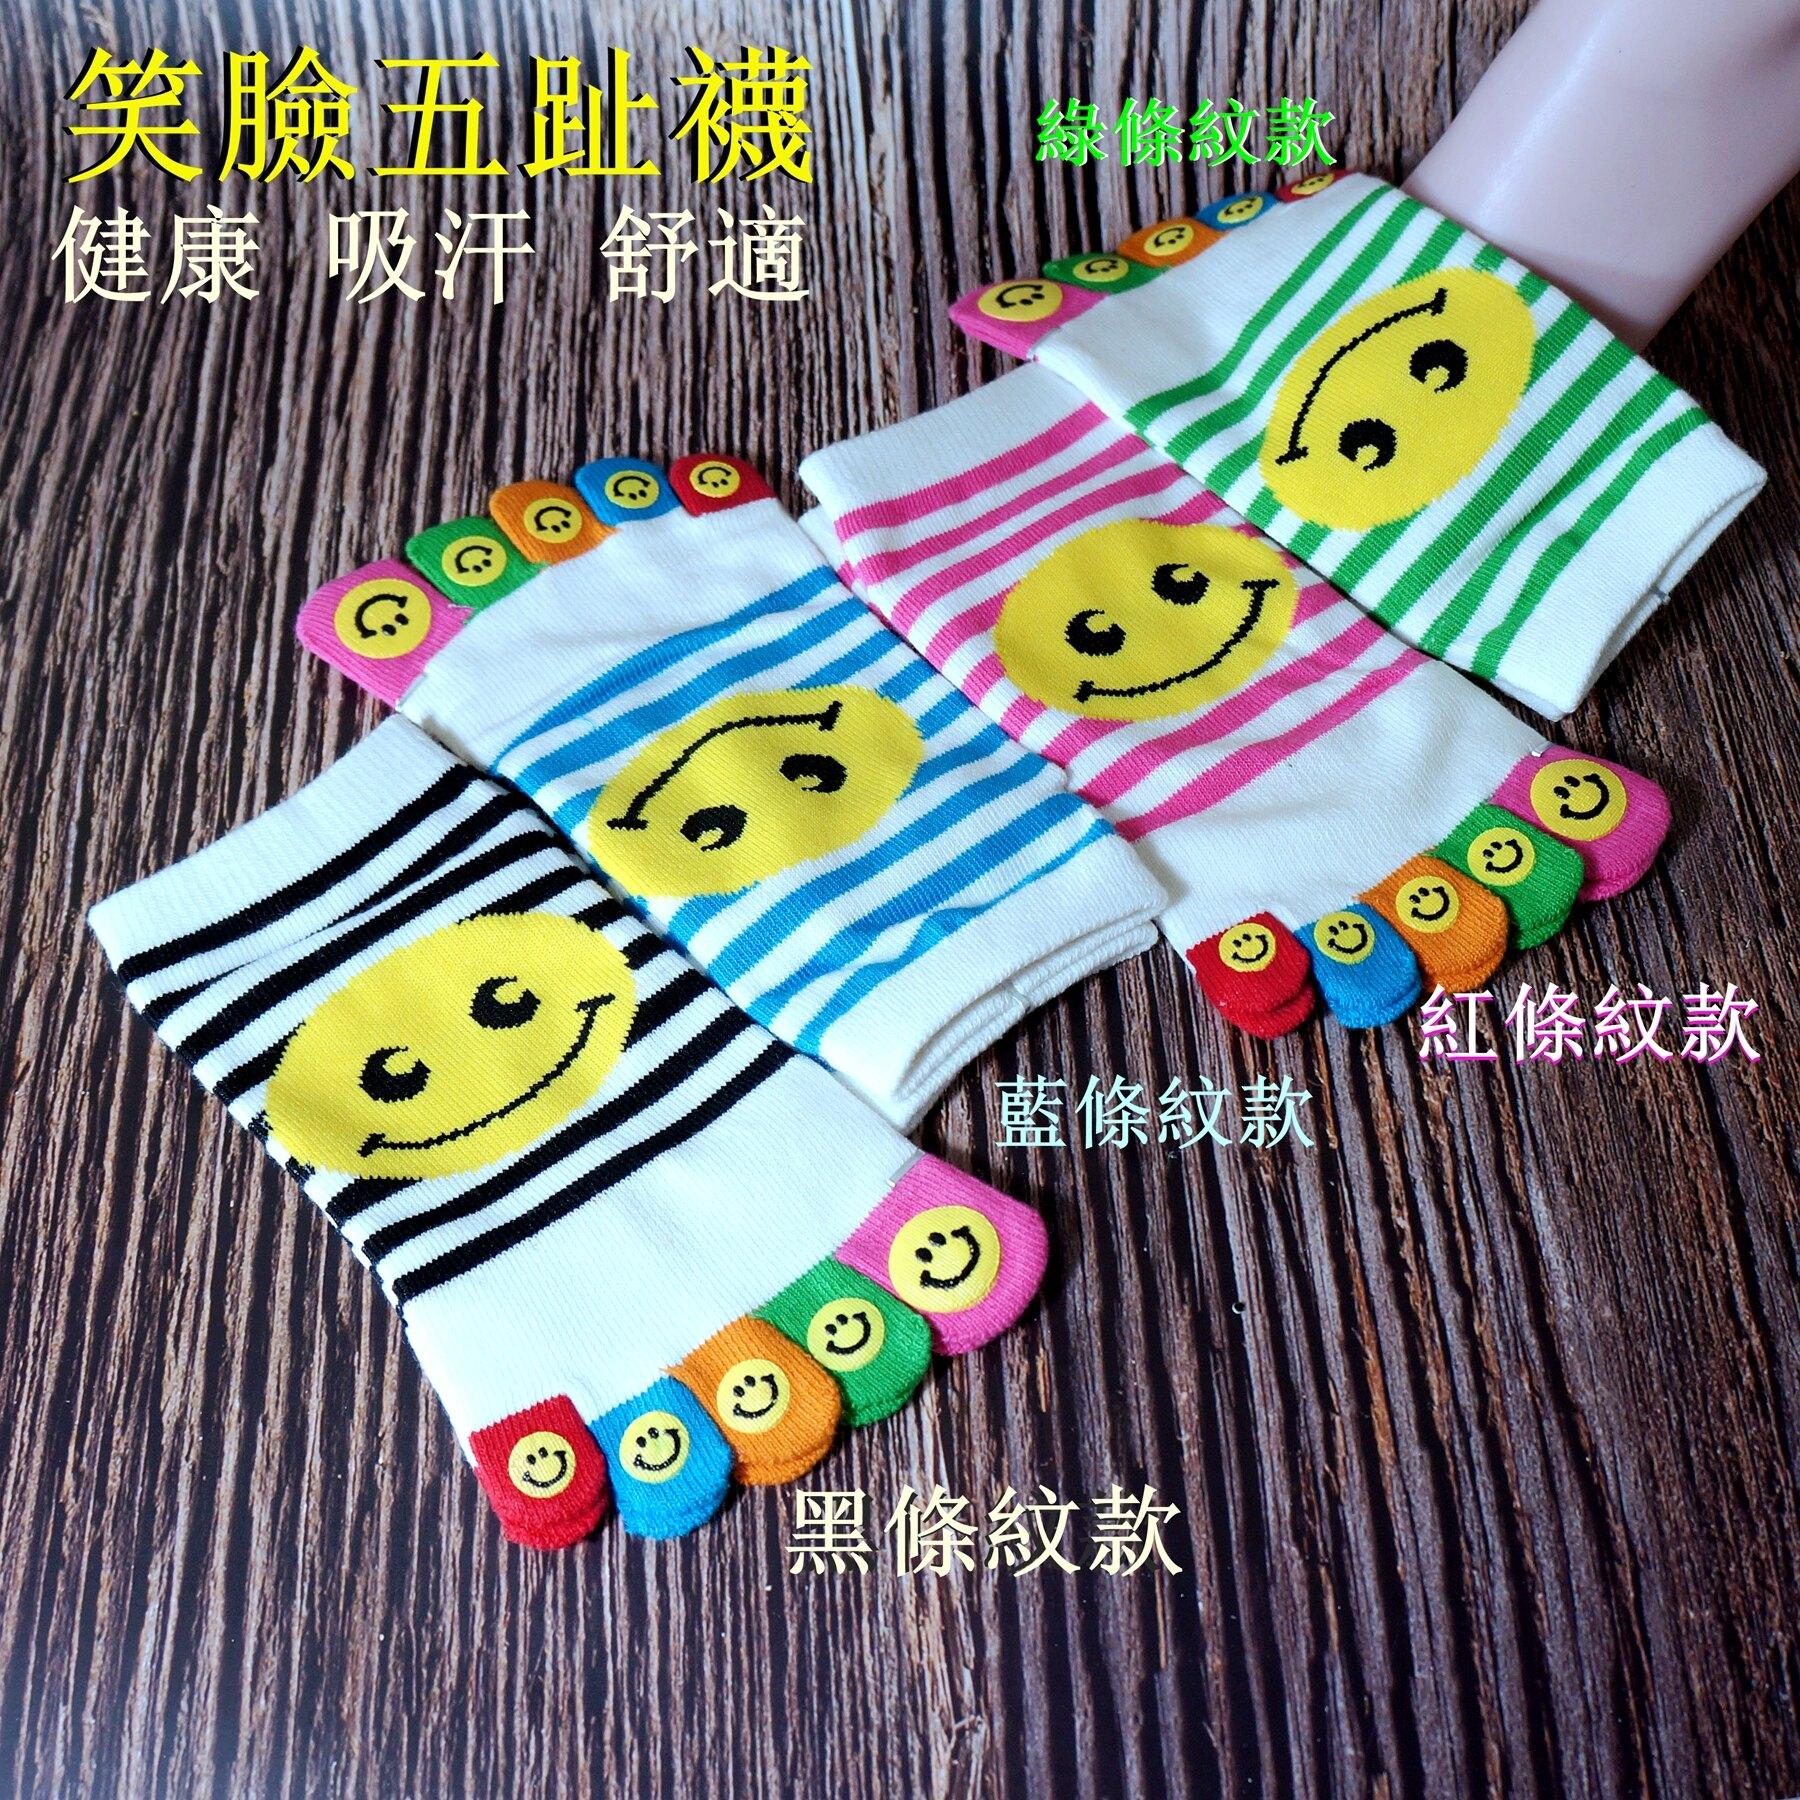 短筒笑臉五趾襪新貨到 最歡樂 最健康 最舒適 最好穿 最吸汗透氣!